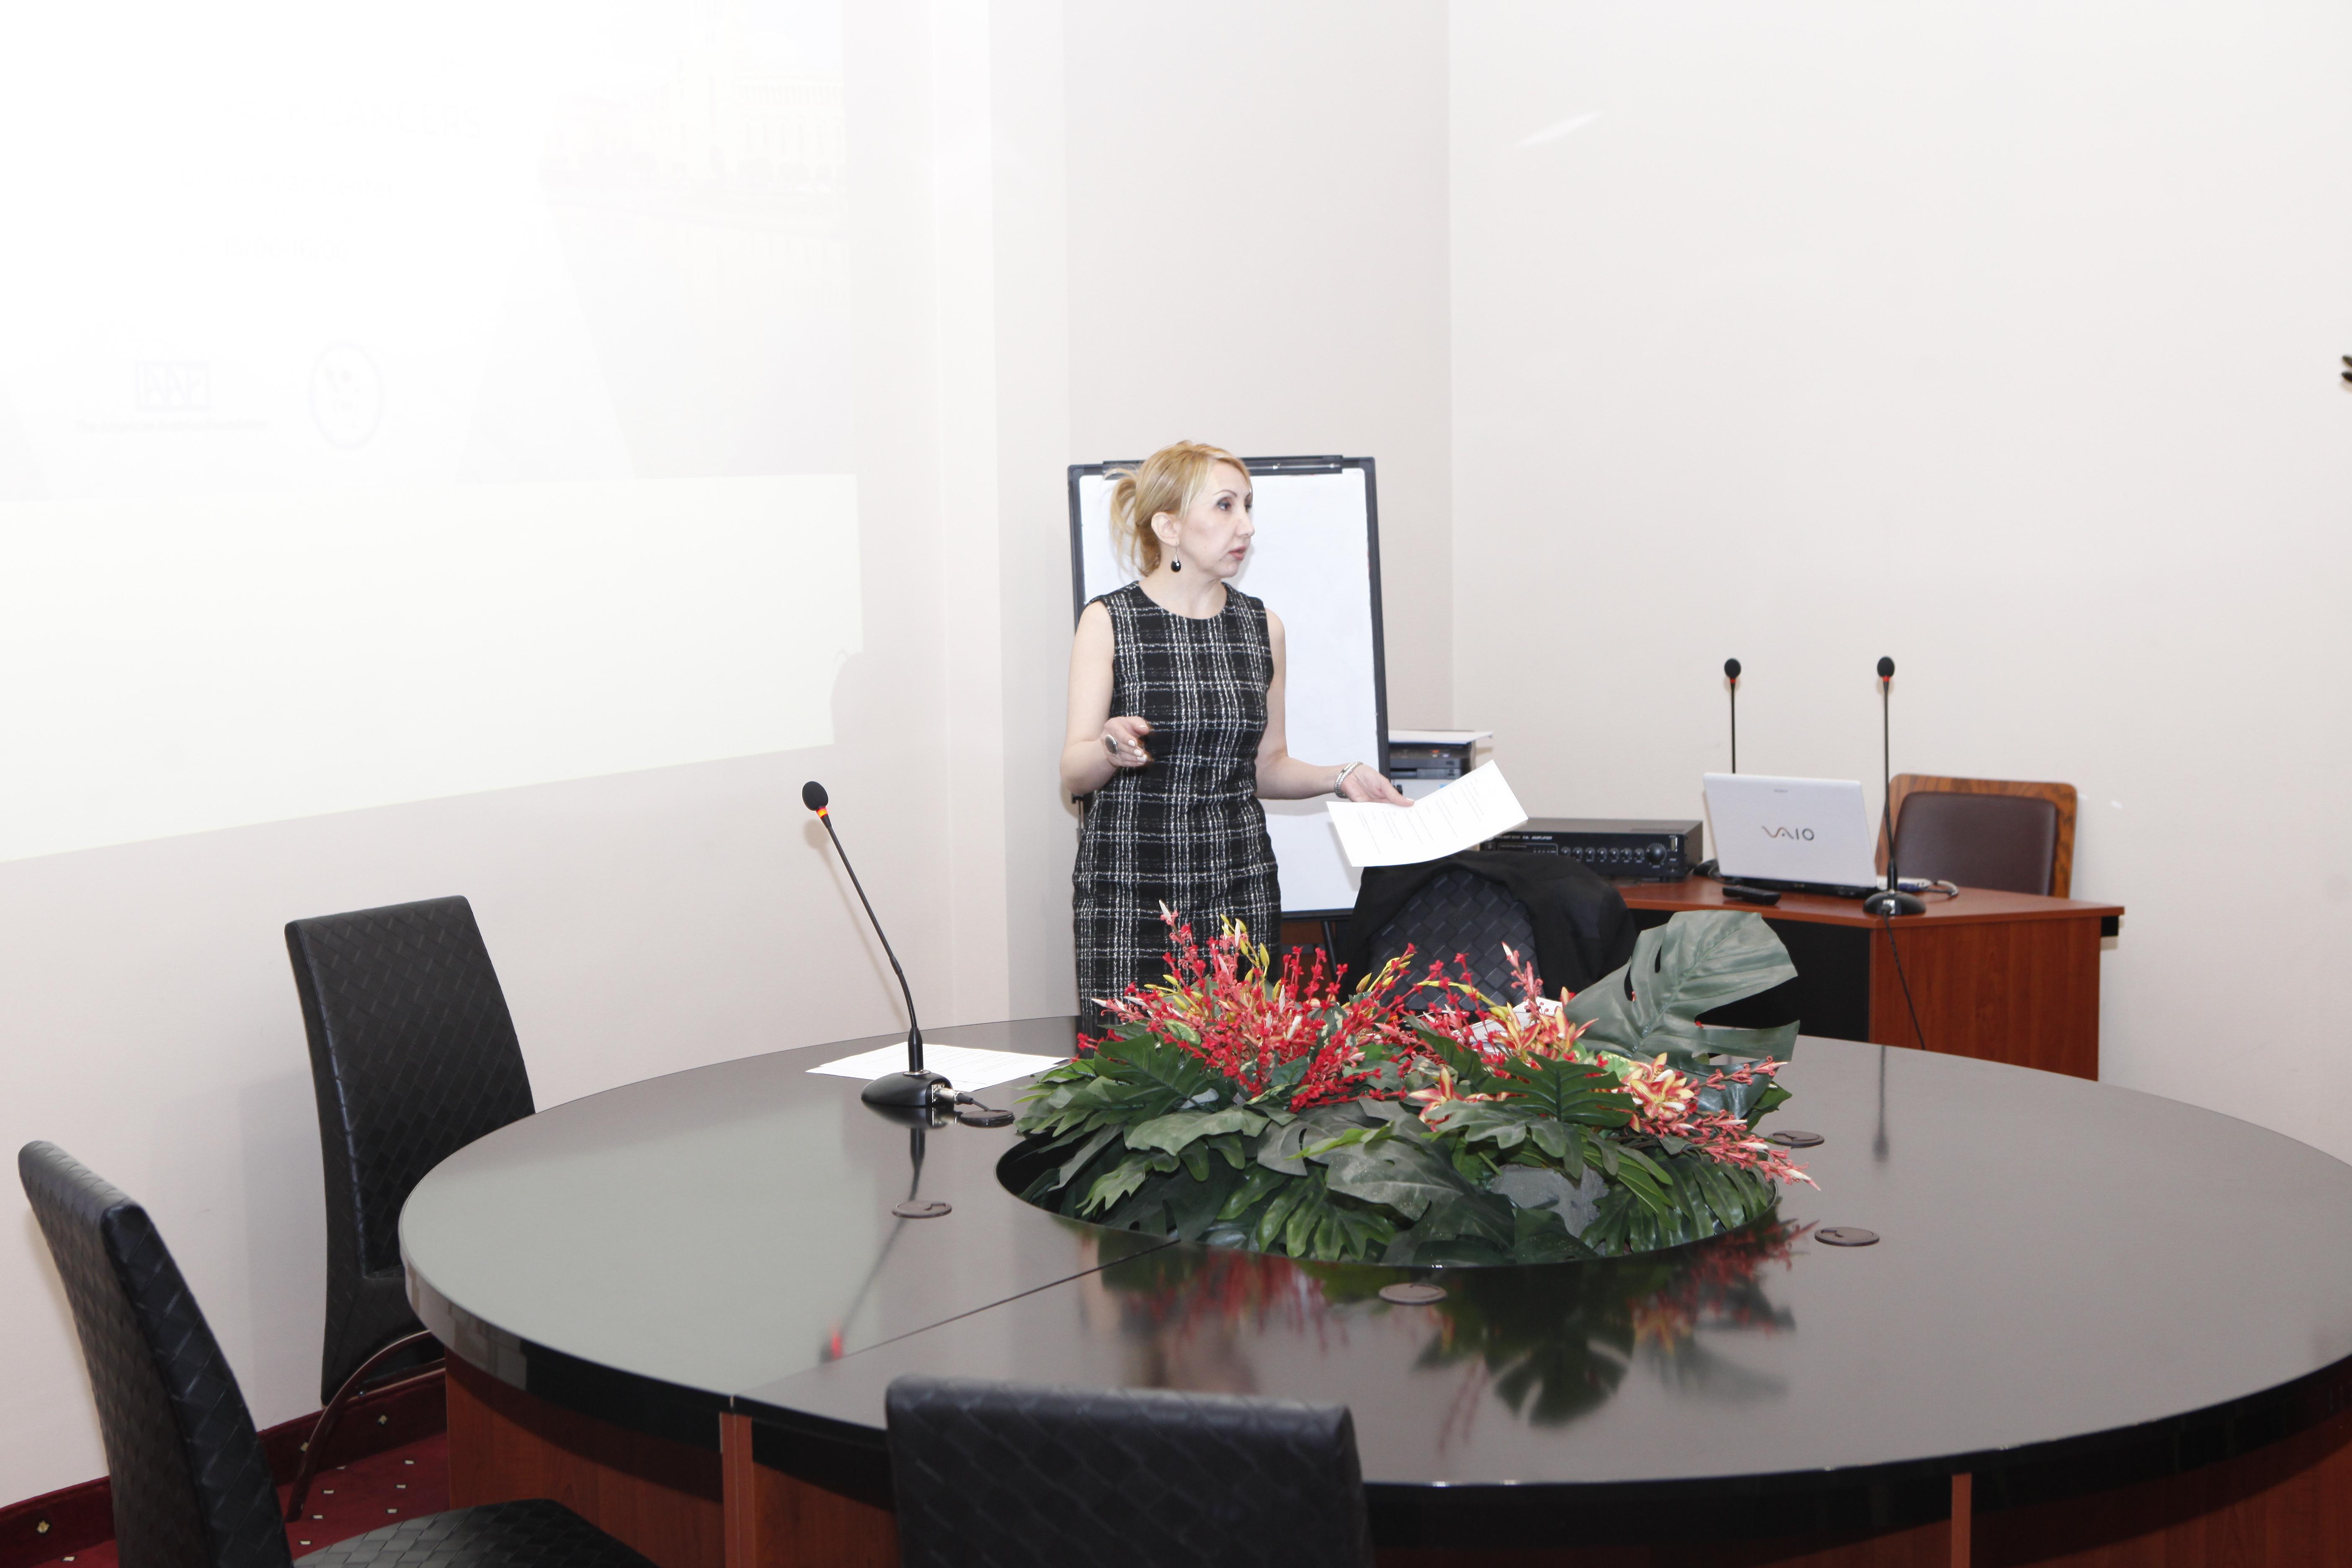 Ապրիլի 28-ին կայացավ ասոցիացիայի հերթական նիստը